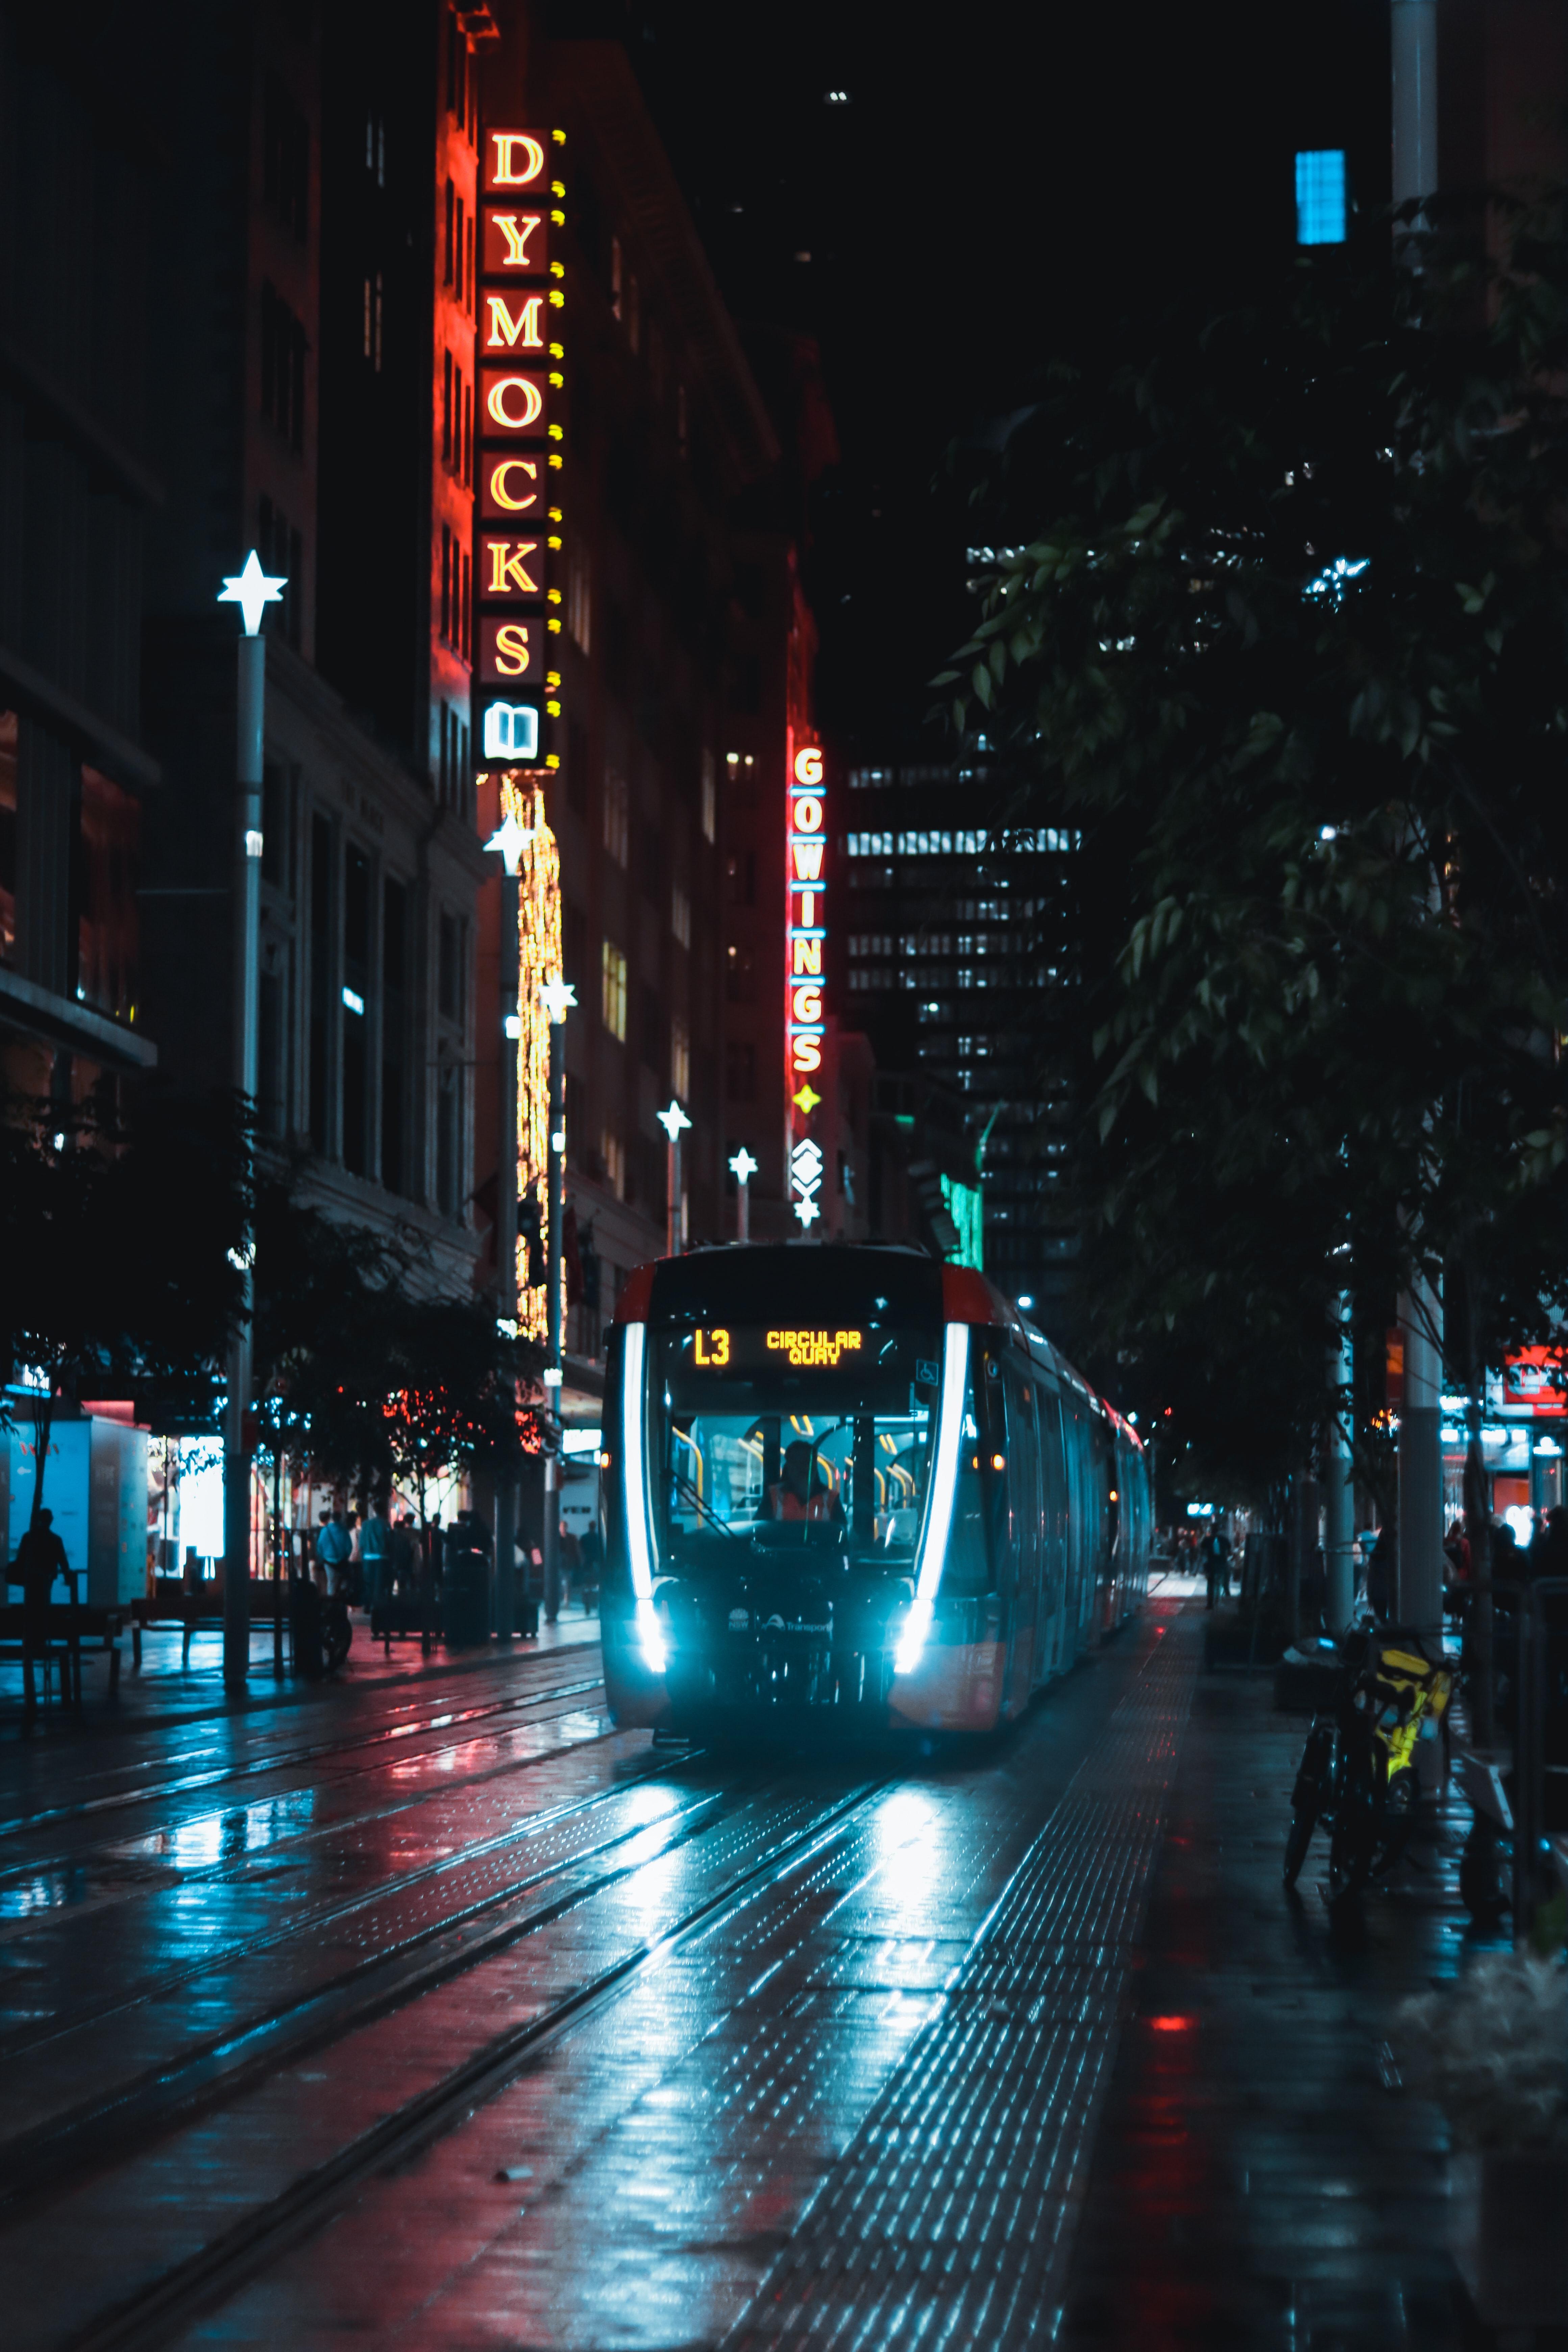 97238 скачать обои Темные, Поезд, Улица, Ночь, Город, Темный - заставки и картинки бесплатно